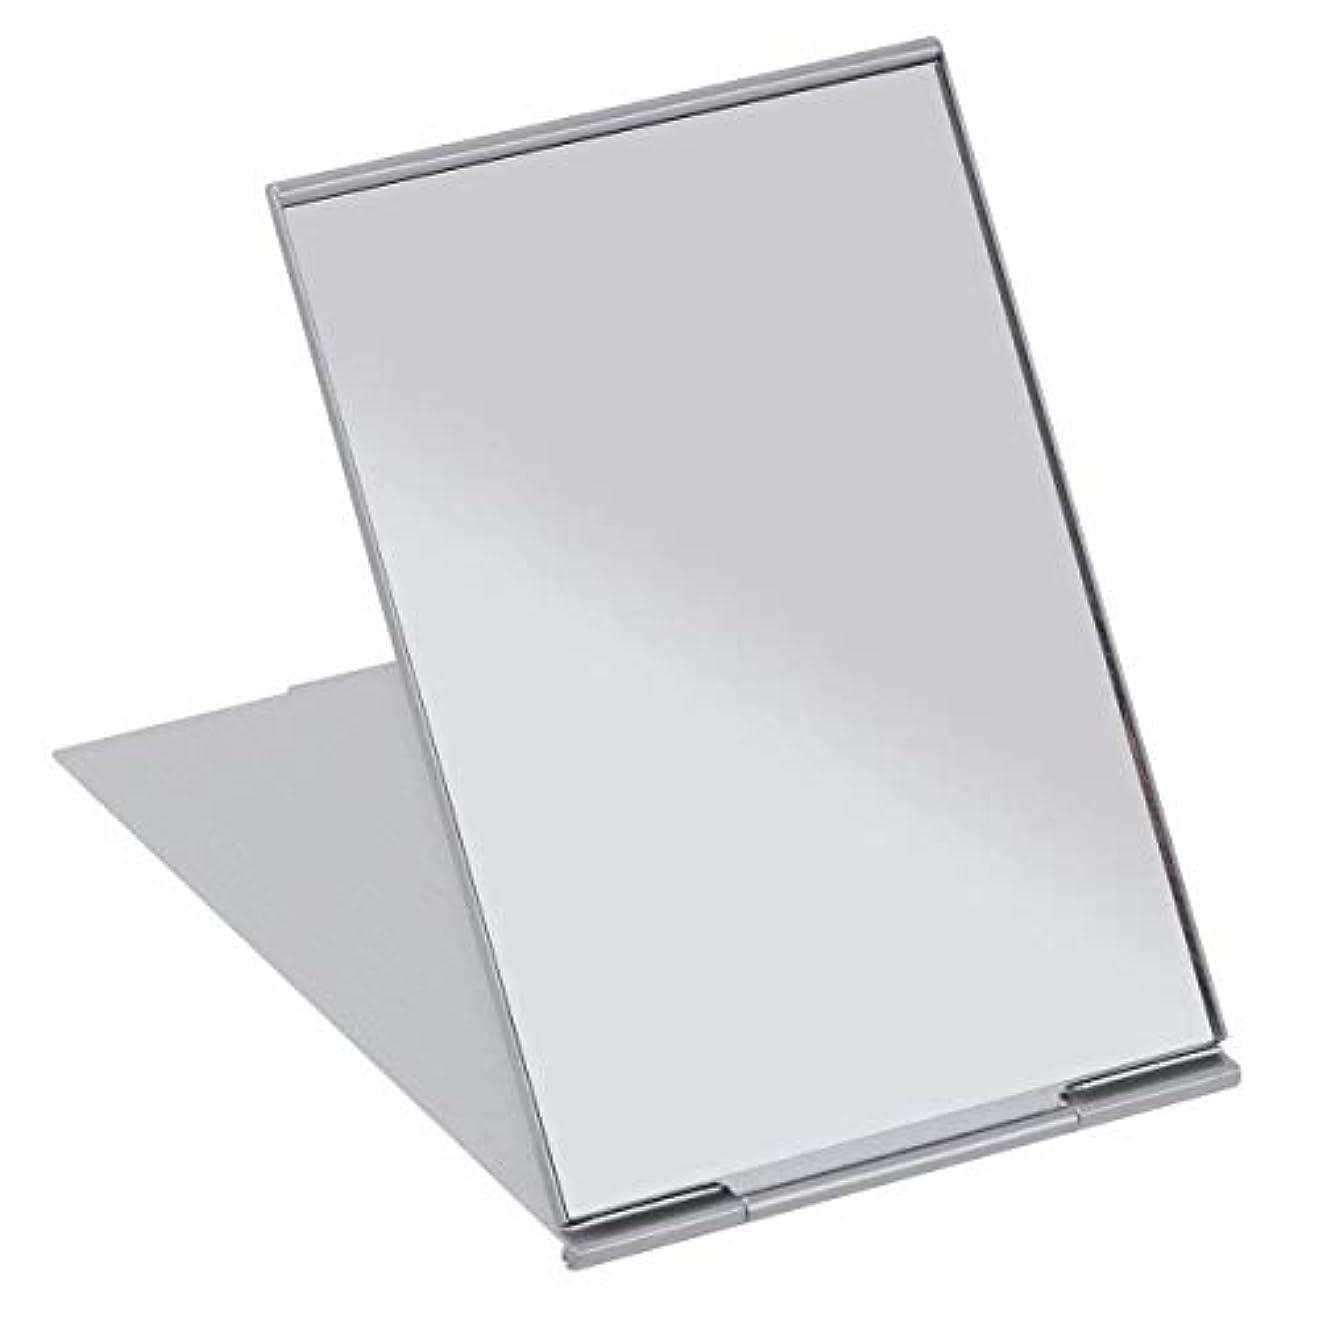 長椅子後方に冗長SALOCY コンパクトミラー モデル折立ミラー 化粧鏡 携帯ミラー 11.5*8cm 持ち運びに便利